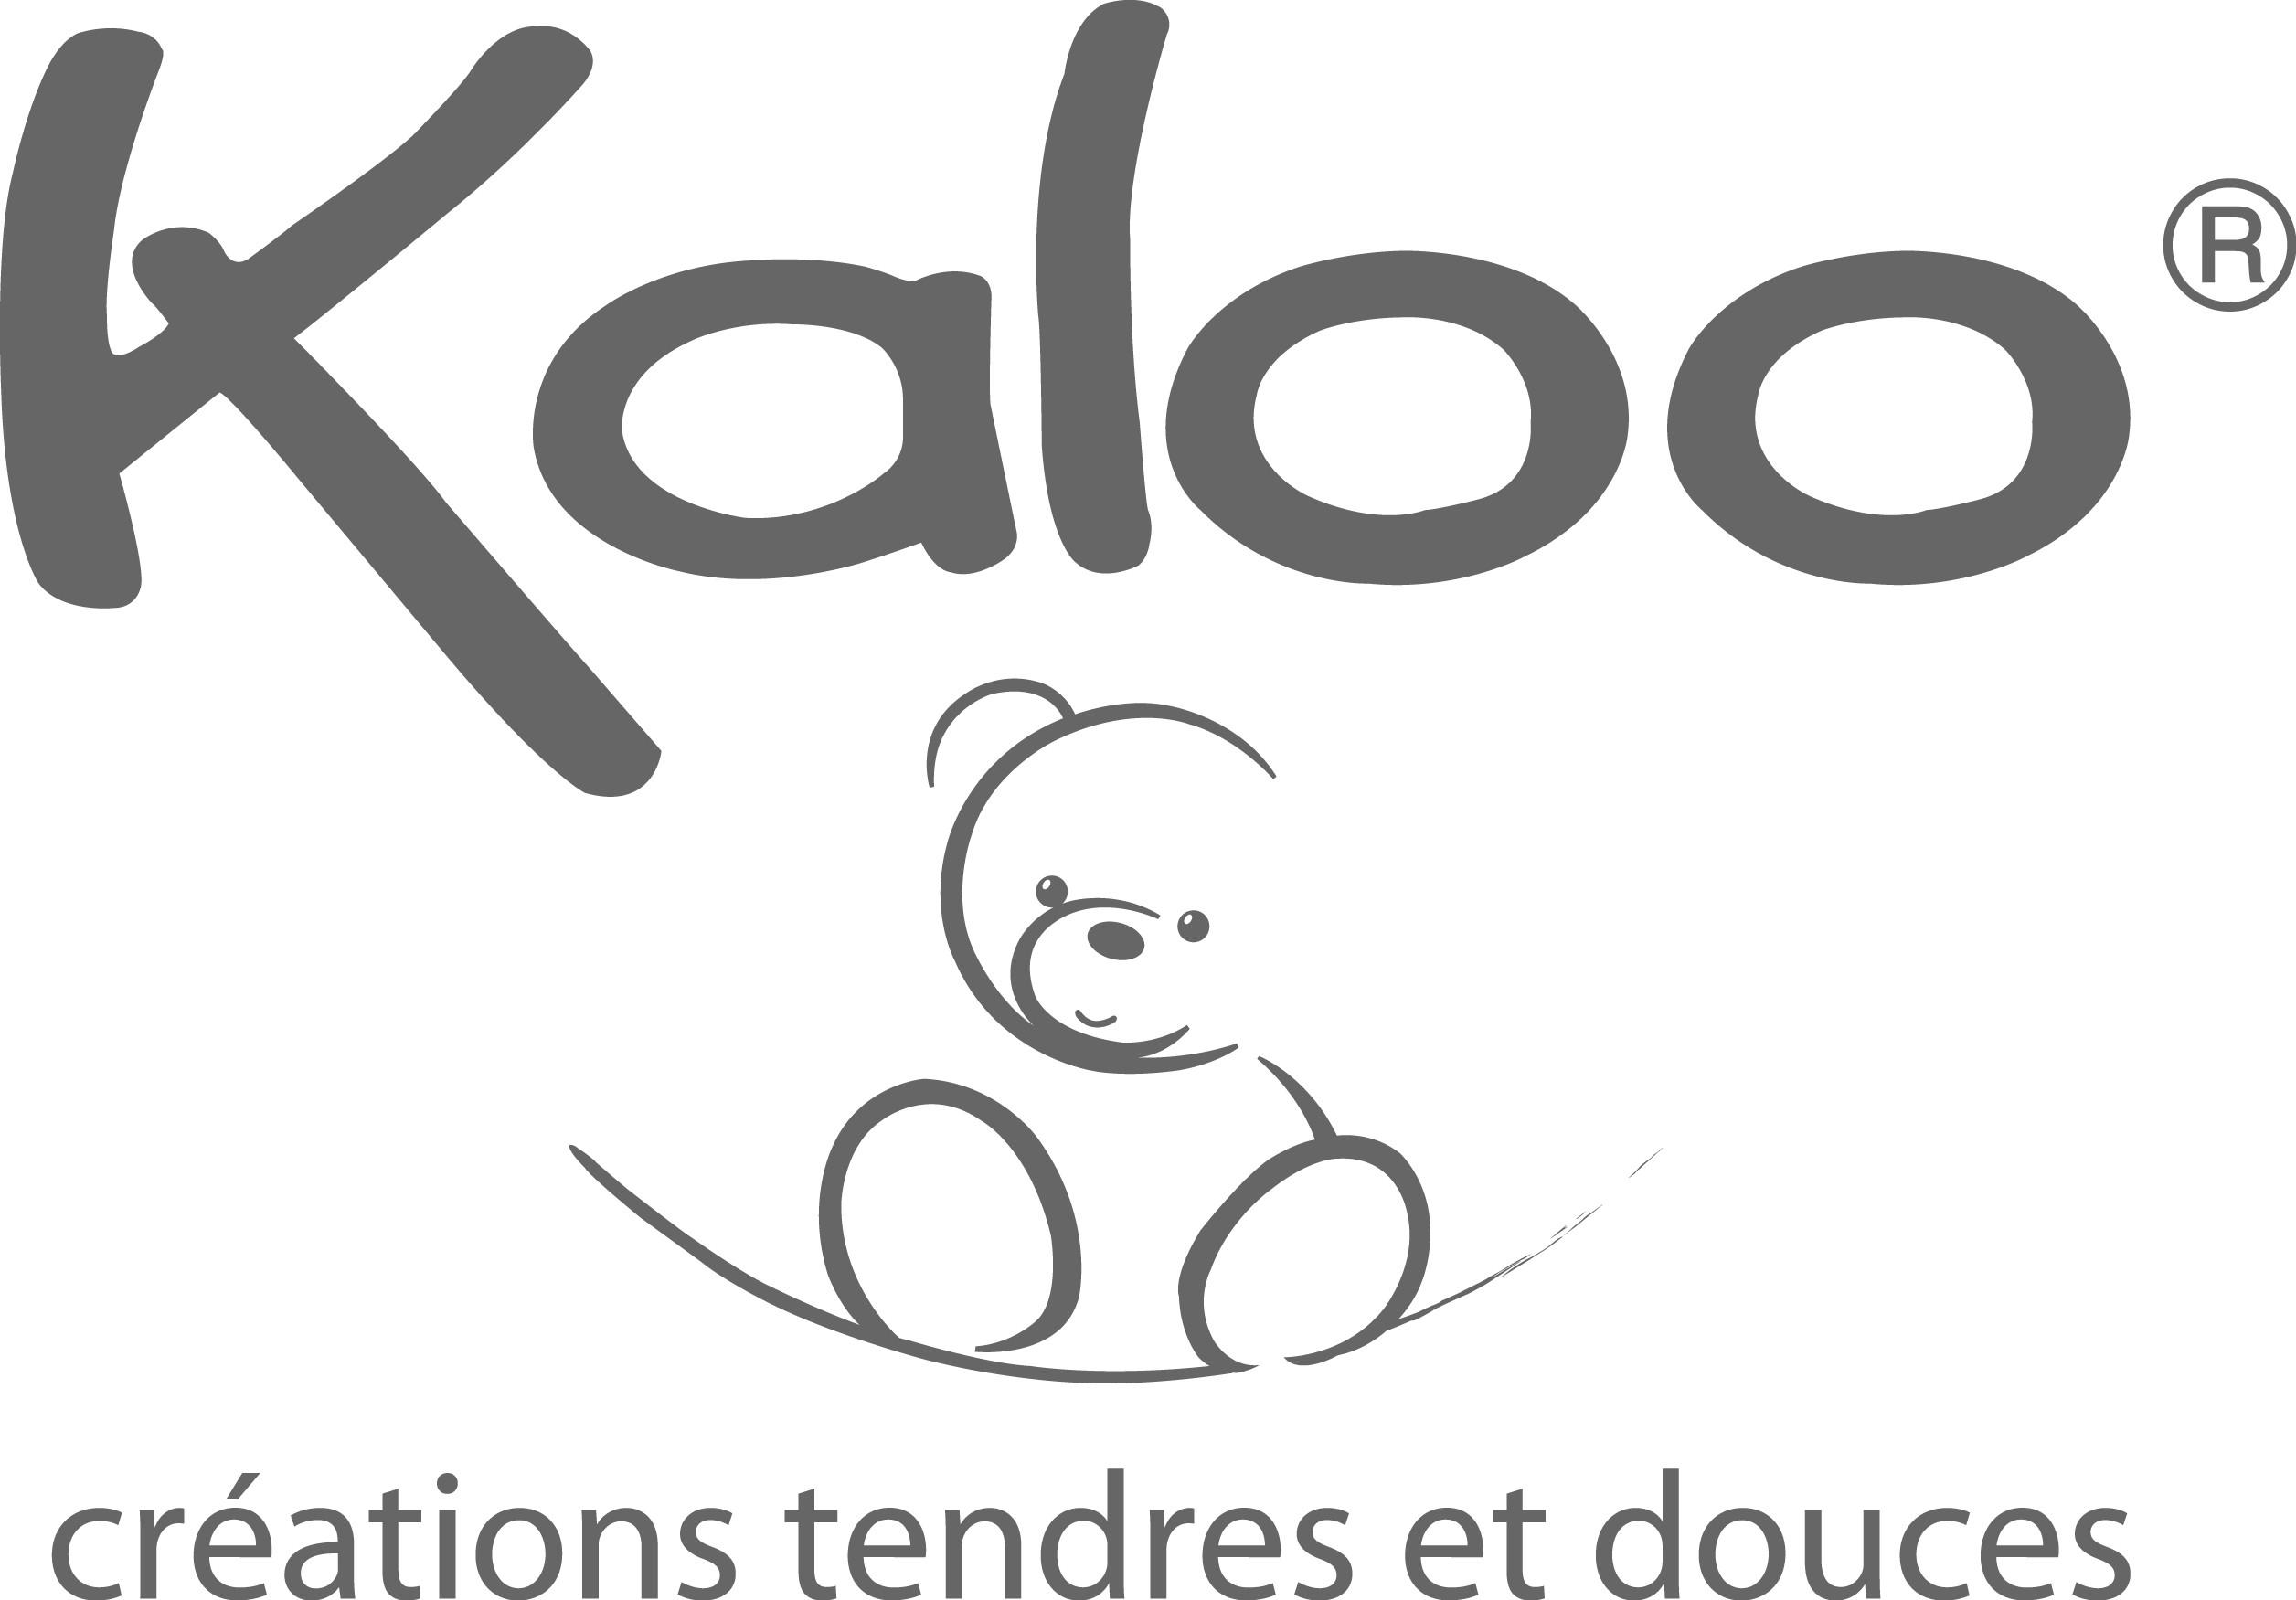 Kaloo logo